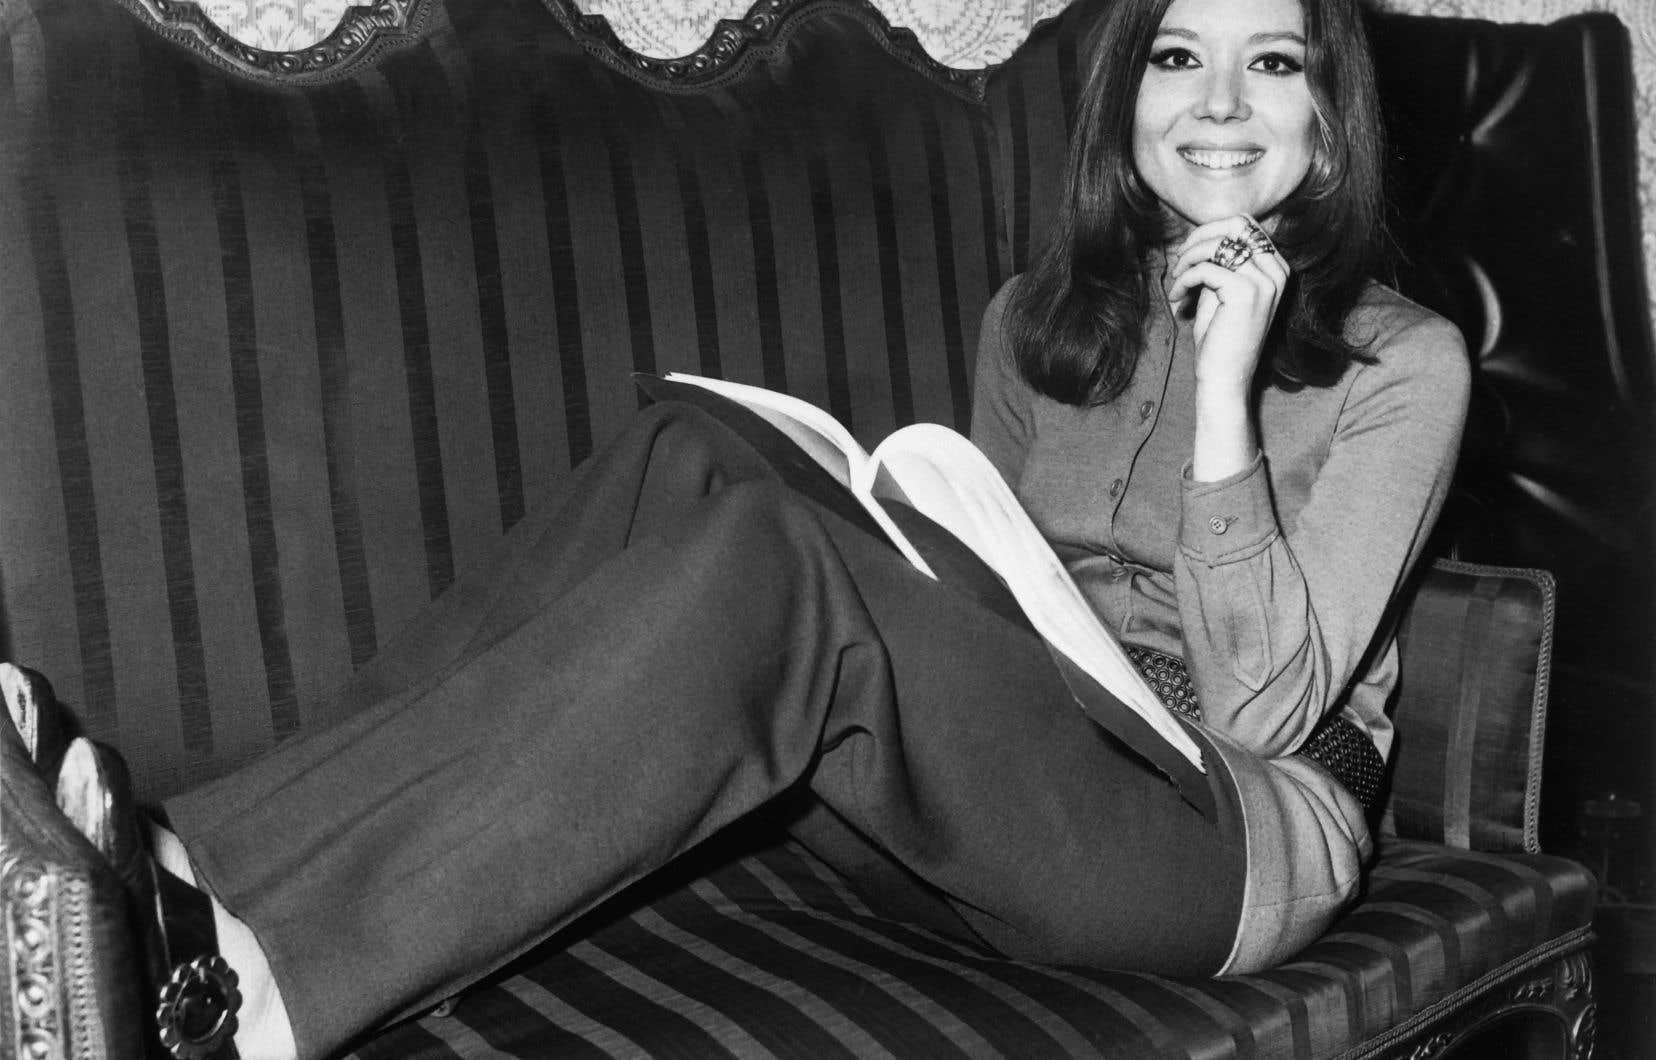 Diana Rigg était devenue icône de la mode dans les années1960 grâce à son rôle de l'agente secrète Emma Peel dans la série télé <i>Chapeau melon et bottes de cuir</i>.